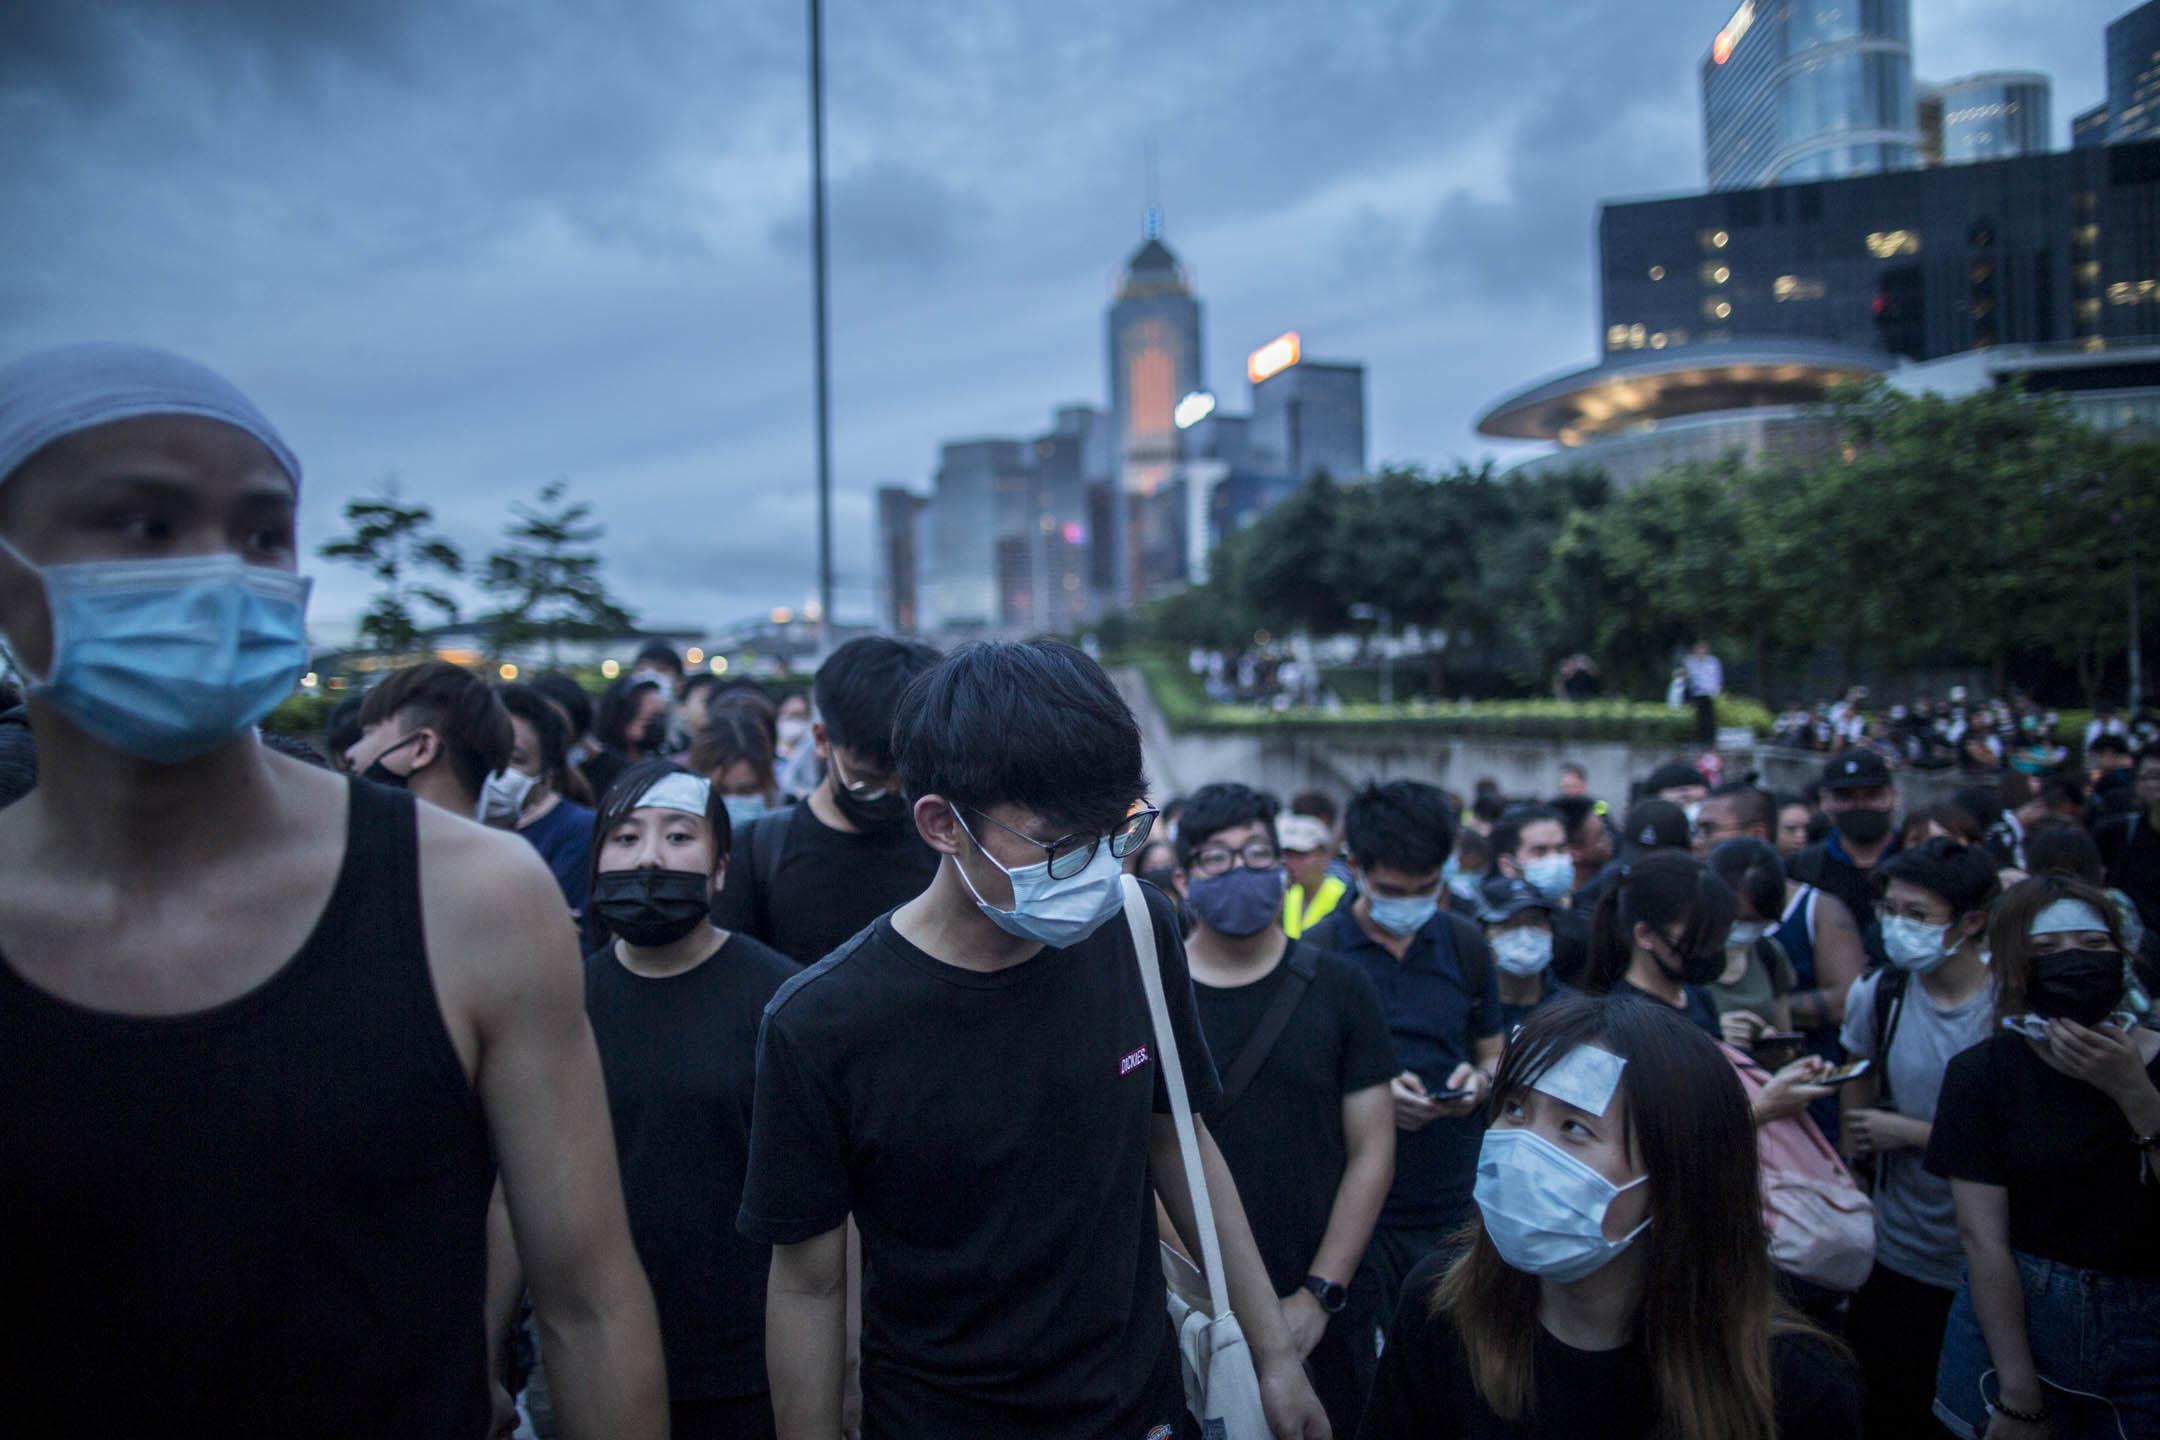 2019年6月17日,近千示威者遊行到特首辦,要求林鄭月娥撤回《逃犯條例》修訂草案,並收回將6月12日衝突事件定性為暴動。 攝:林振東/端傳媒